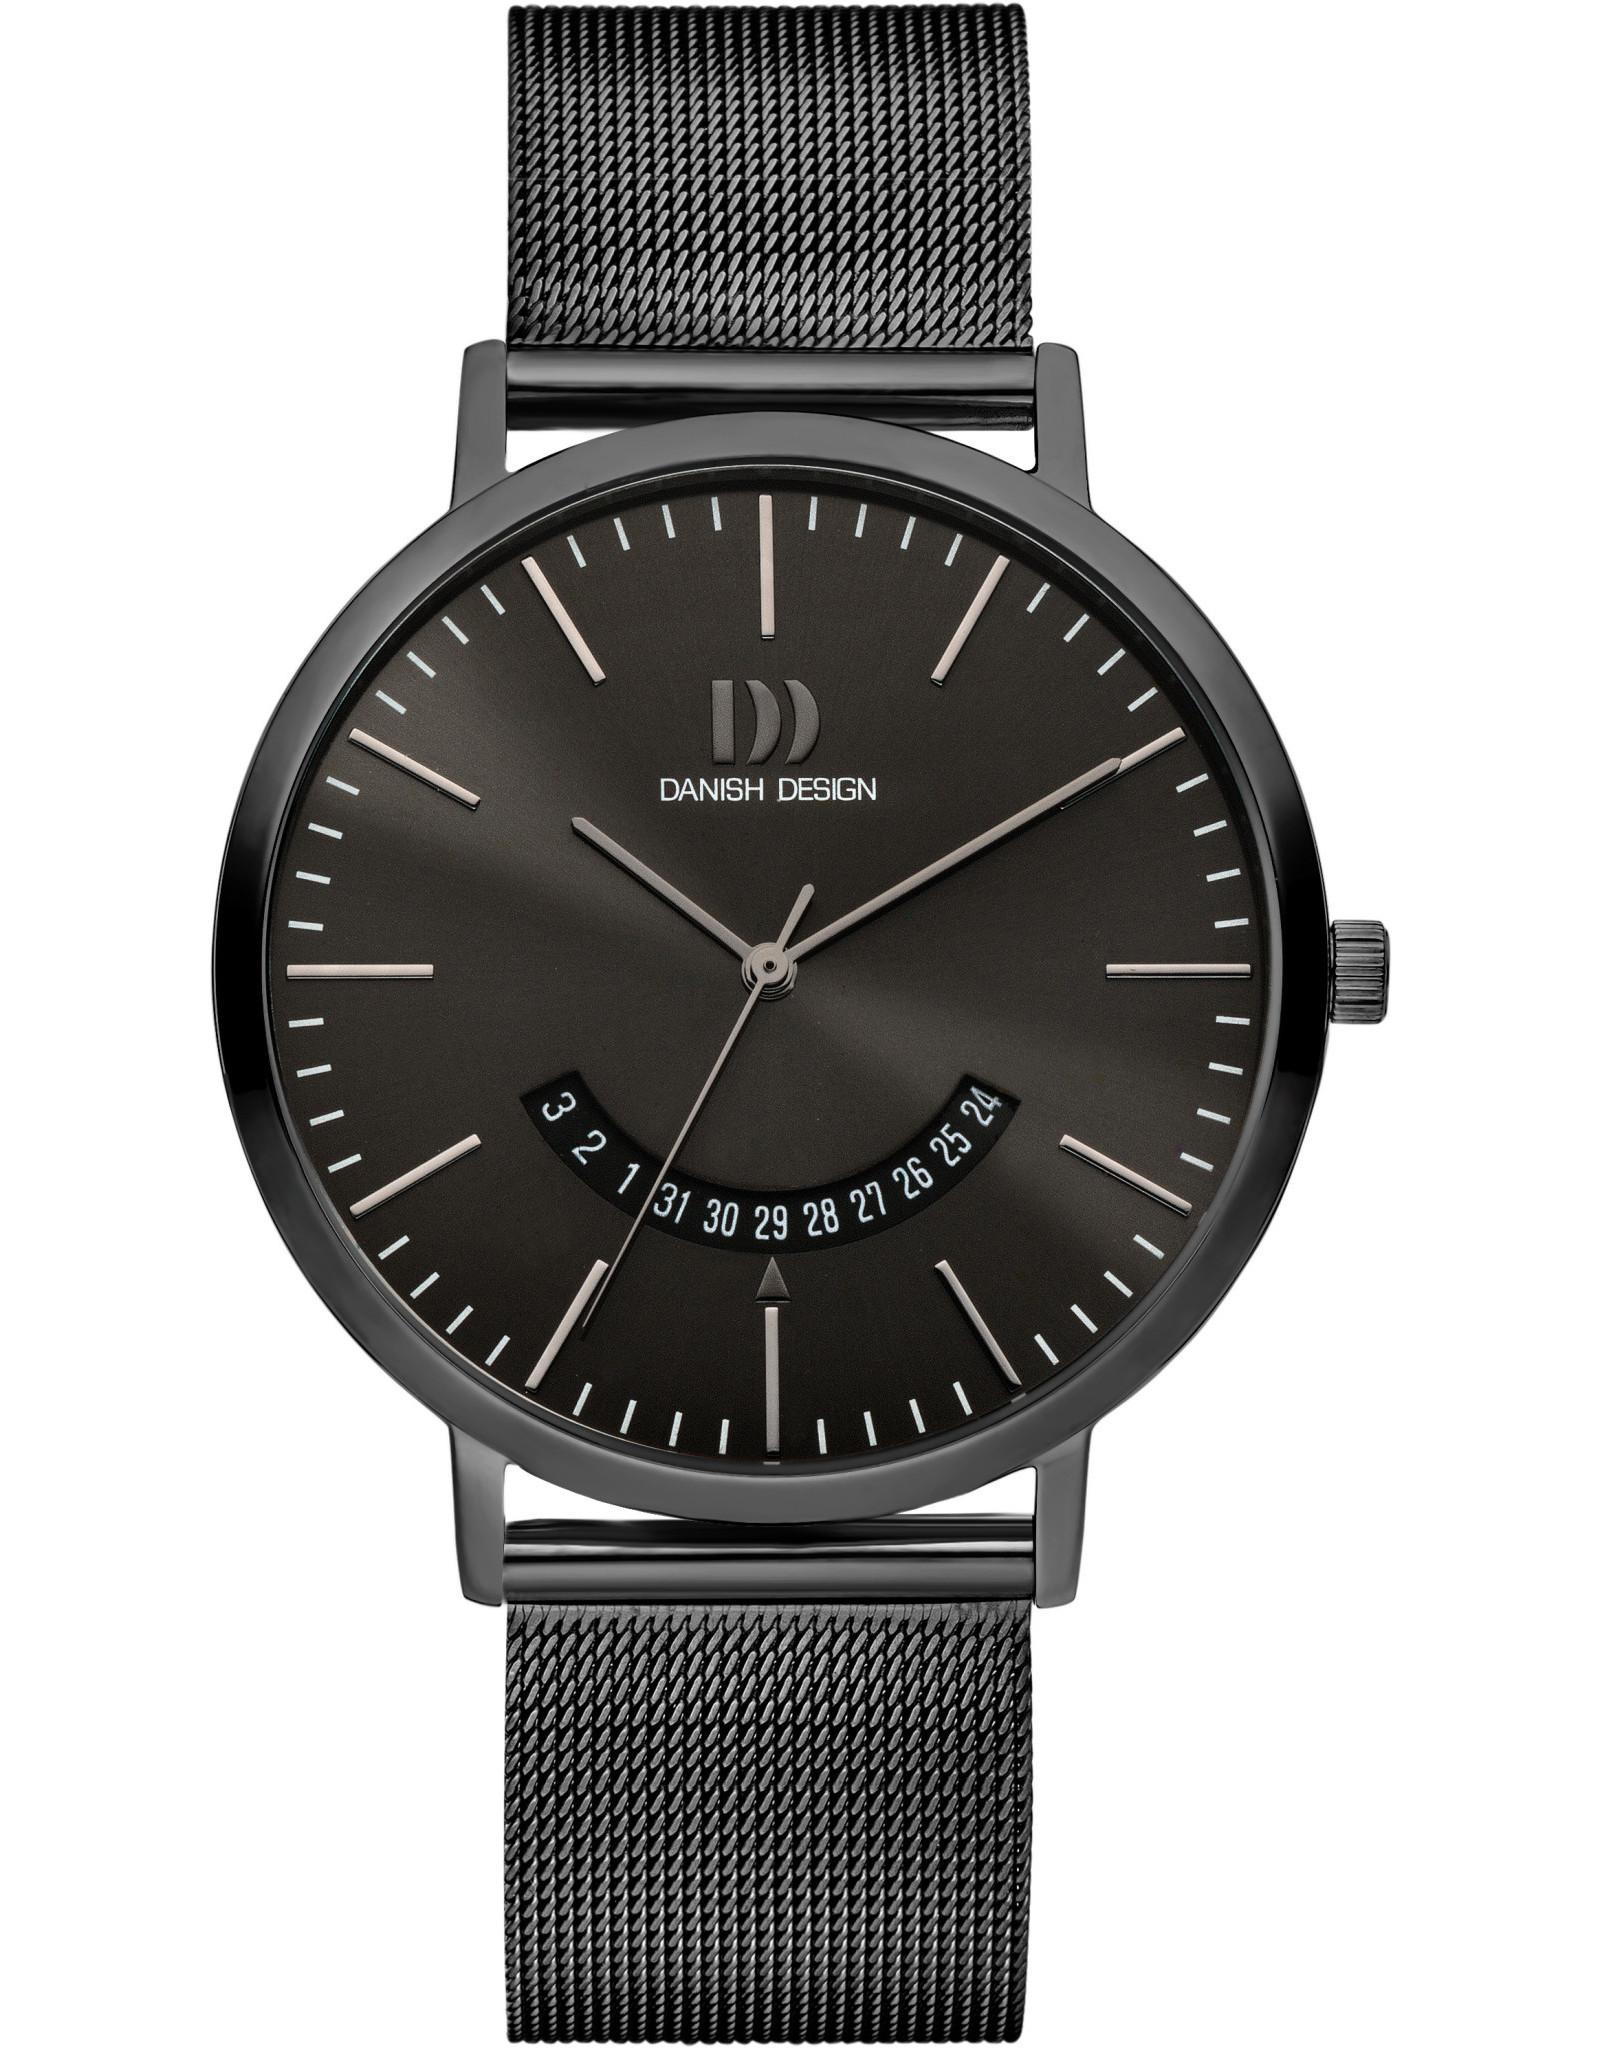 Danish Design Danish Design IQ66Q1239